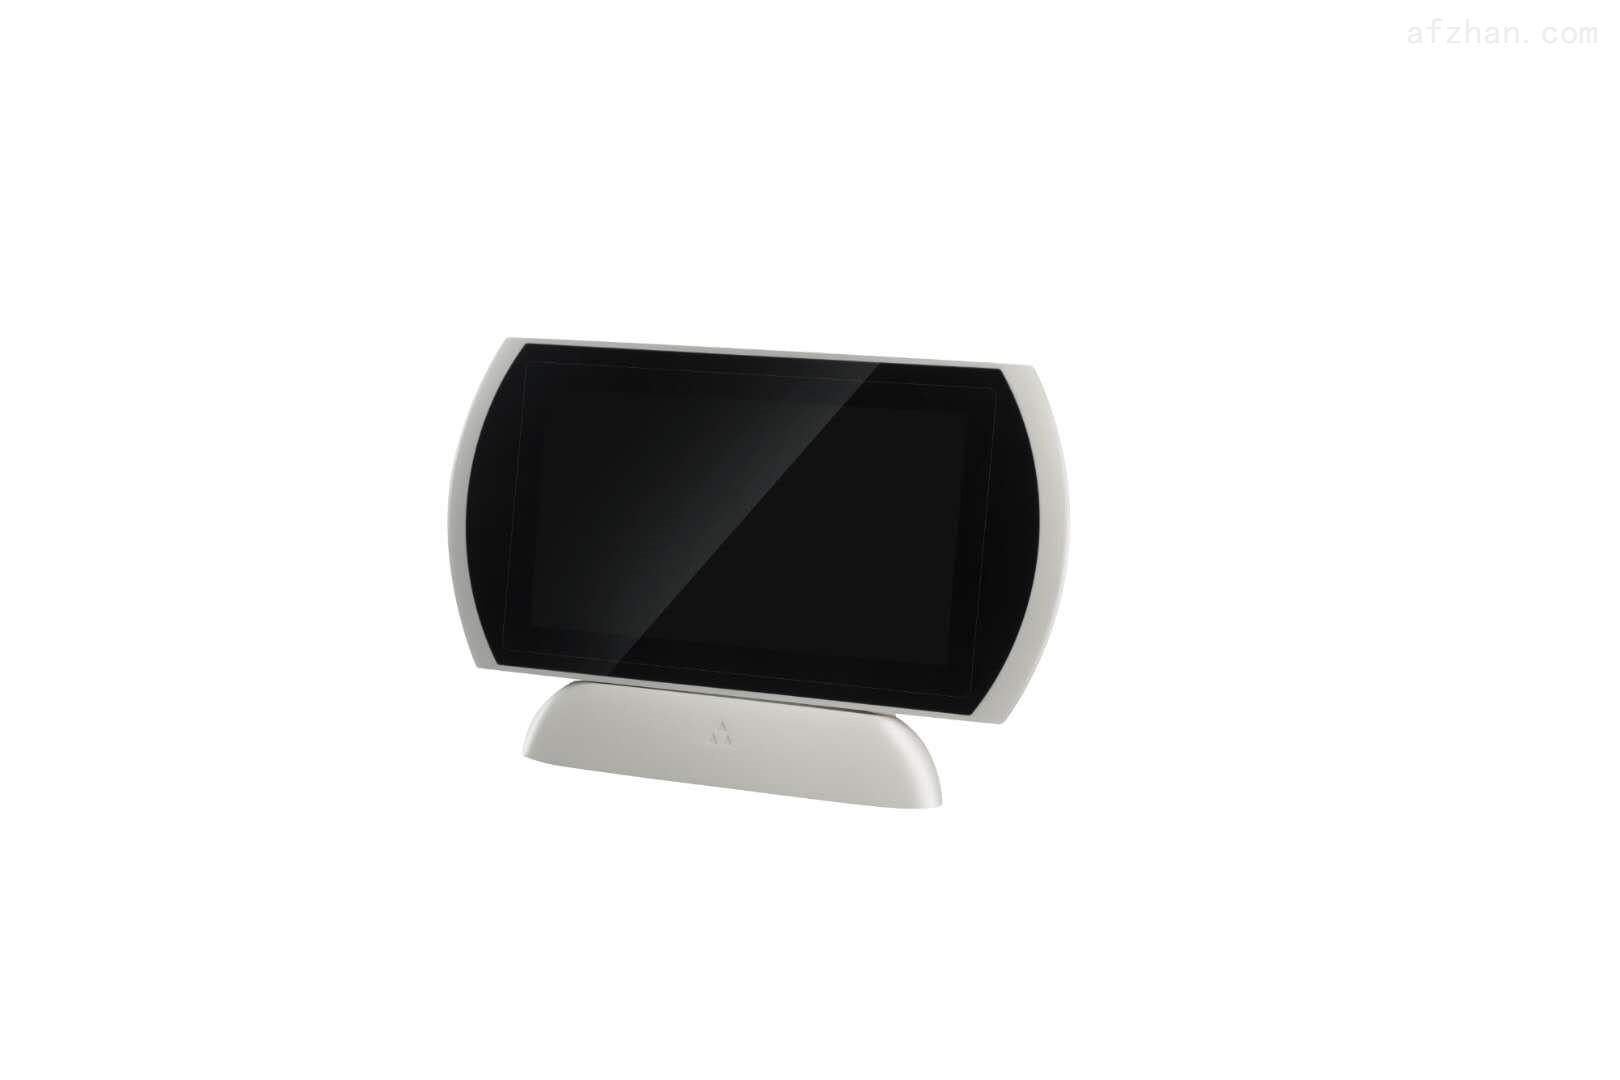 楼宇无线可视对讲系统无线连接壁挂免打孔物